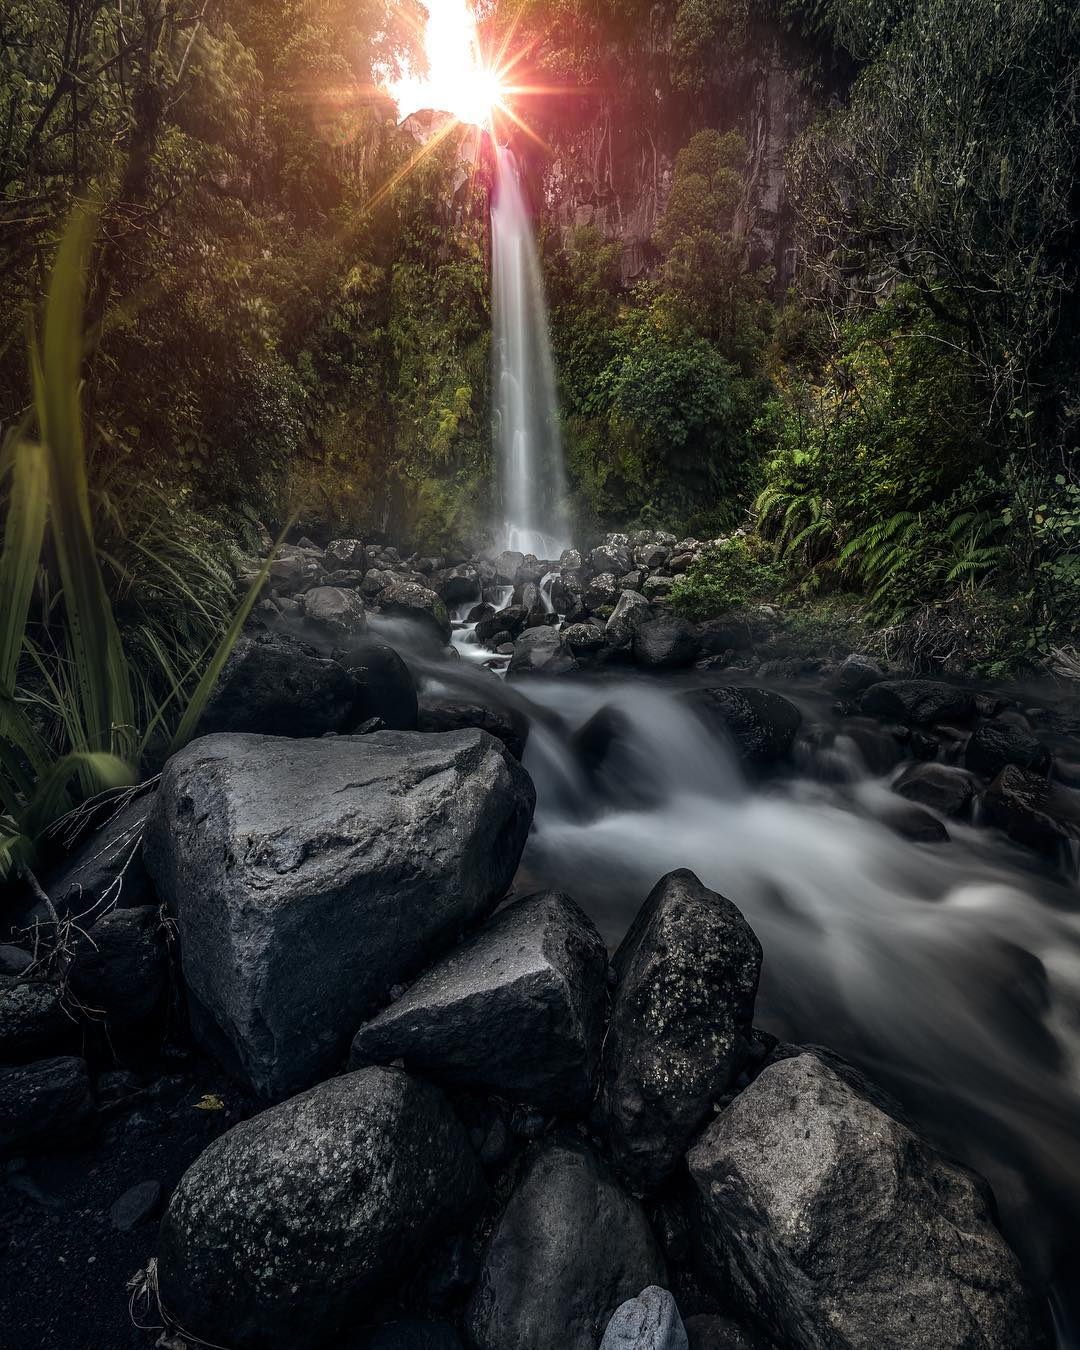 Потрясающие пейзажи на длинной выдержке от Джейсона Райта